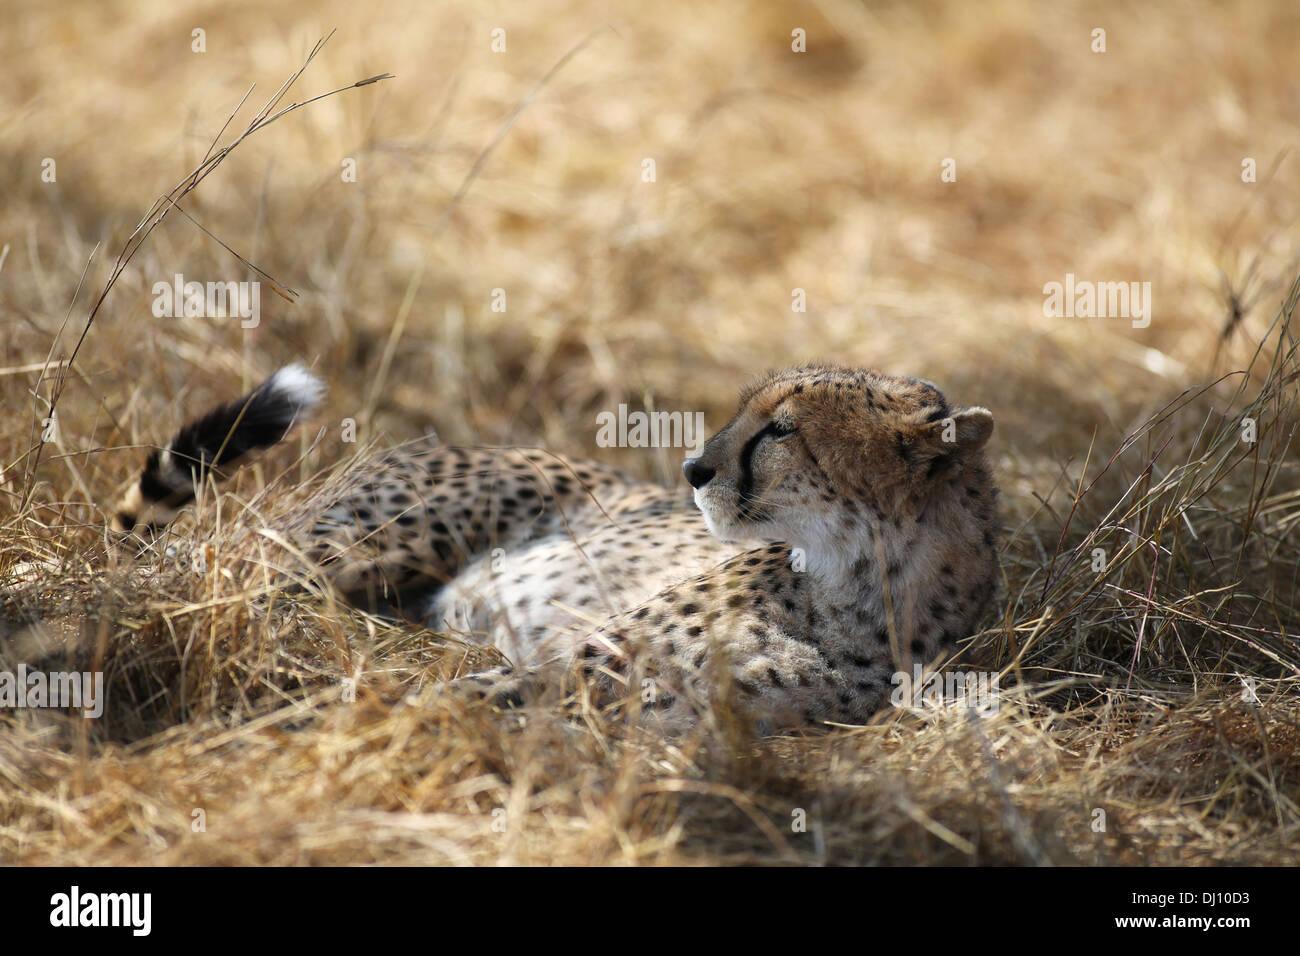 A cheetah resting in the shade, Maasai Mara plains, Kenya - Stock Image